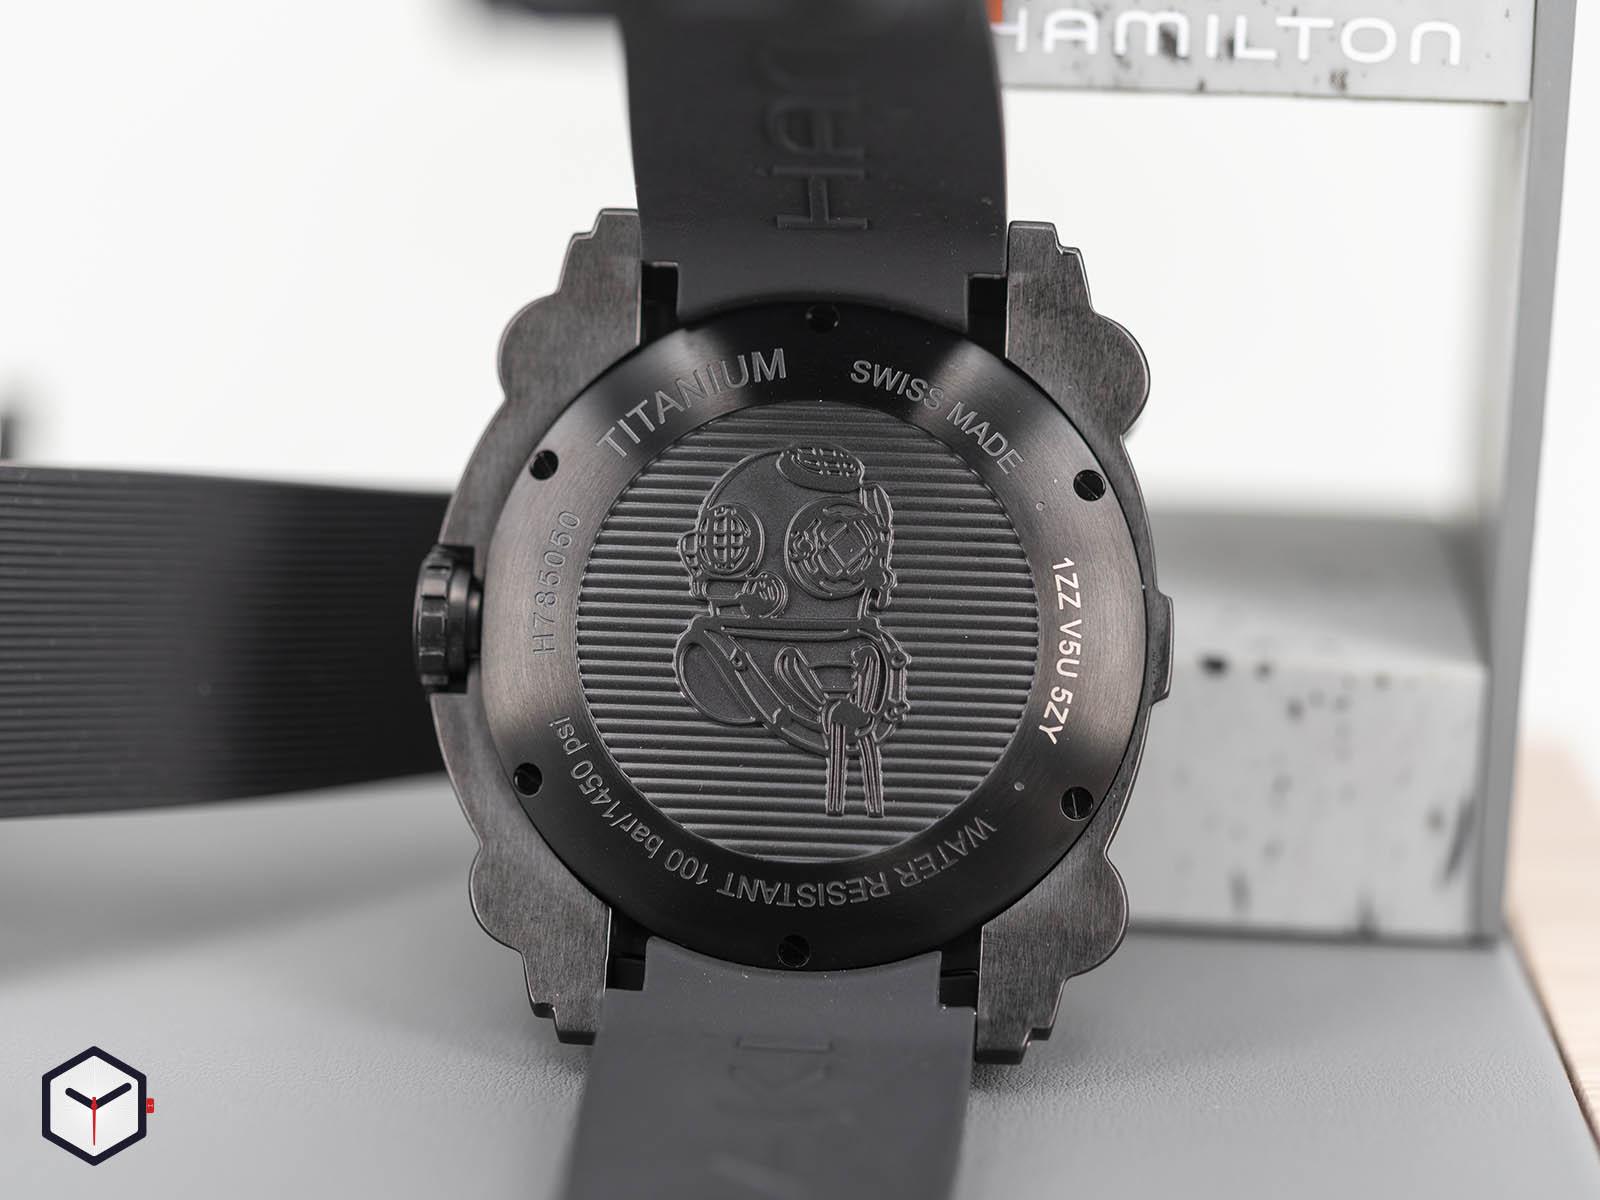 h78505331-hamilton-khaki-navy-belowzero-3.jpg